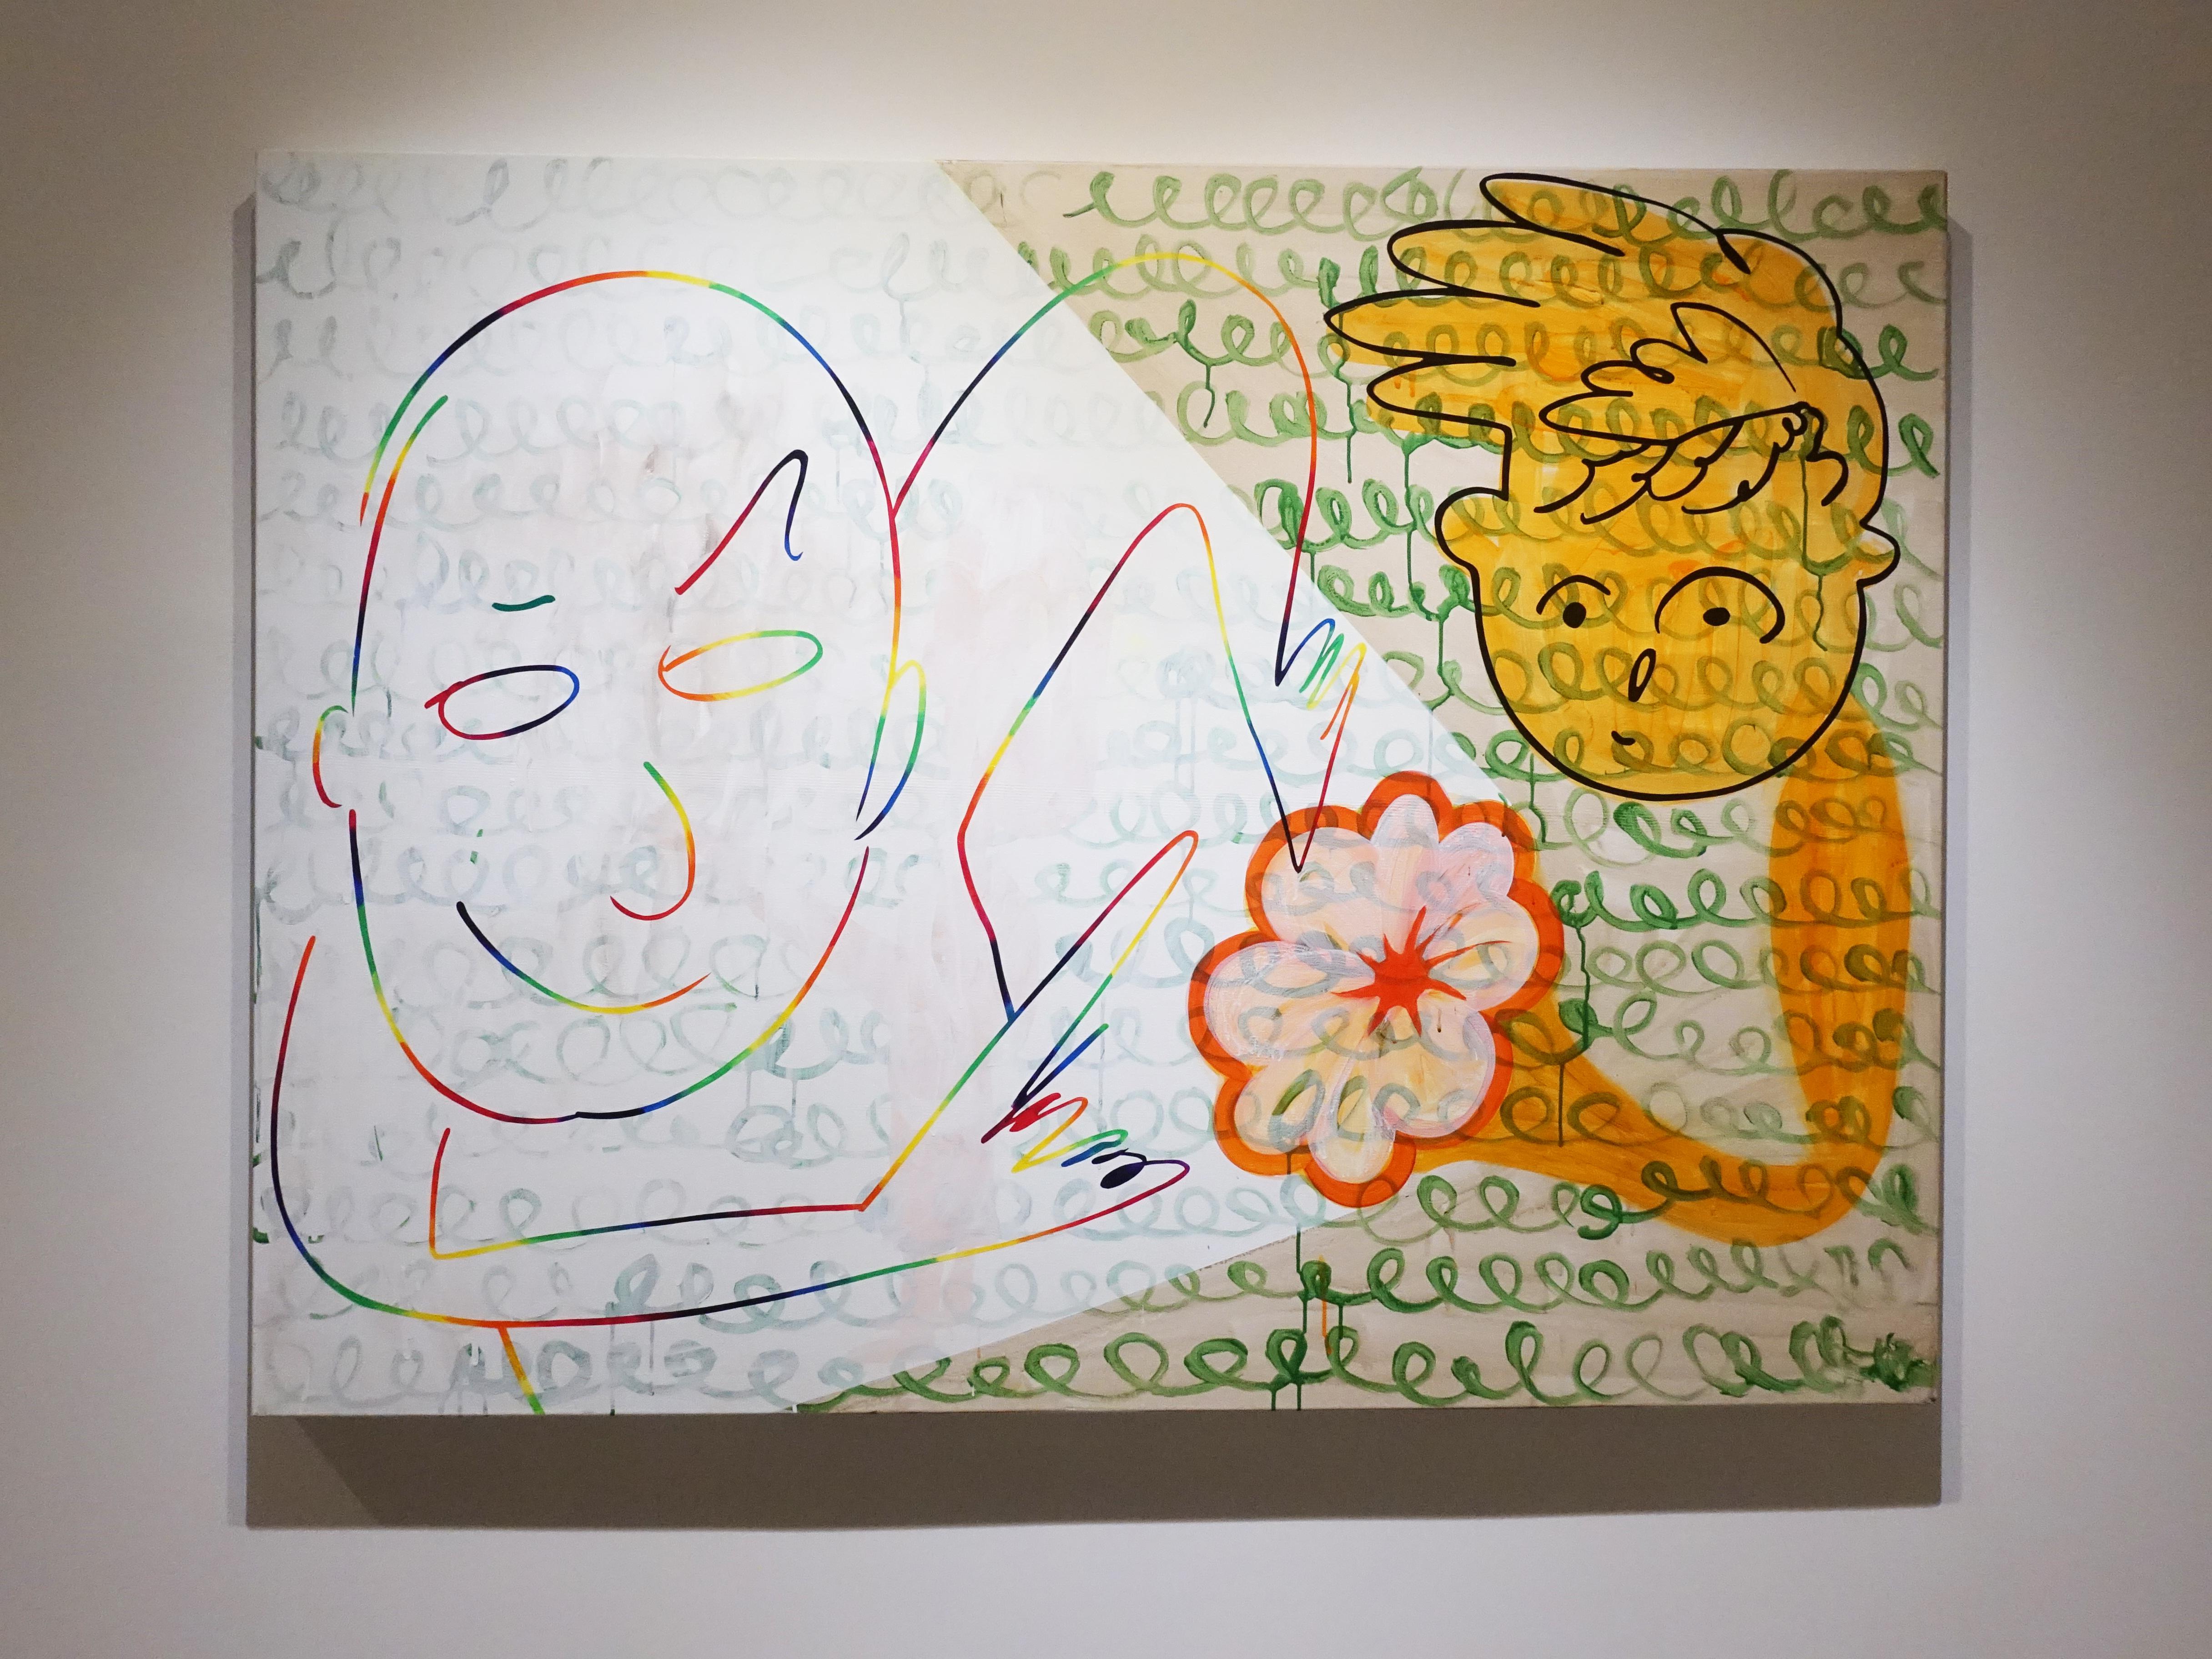 蕭筑方,《彩虹般的節奏》,120 x 162 cm,壓克力顏料、畫布,2019。